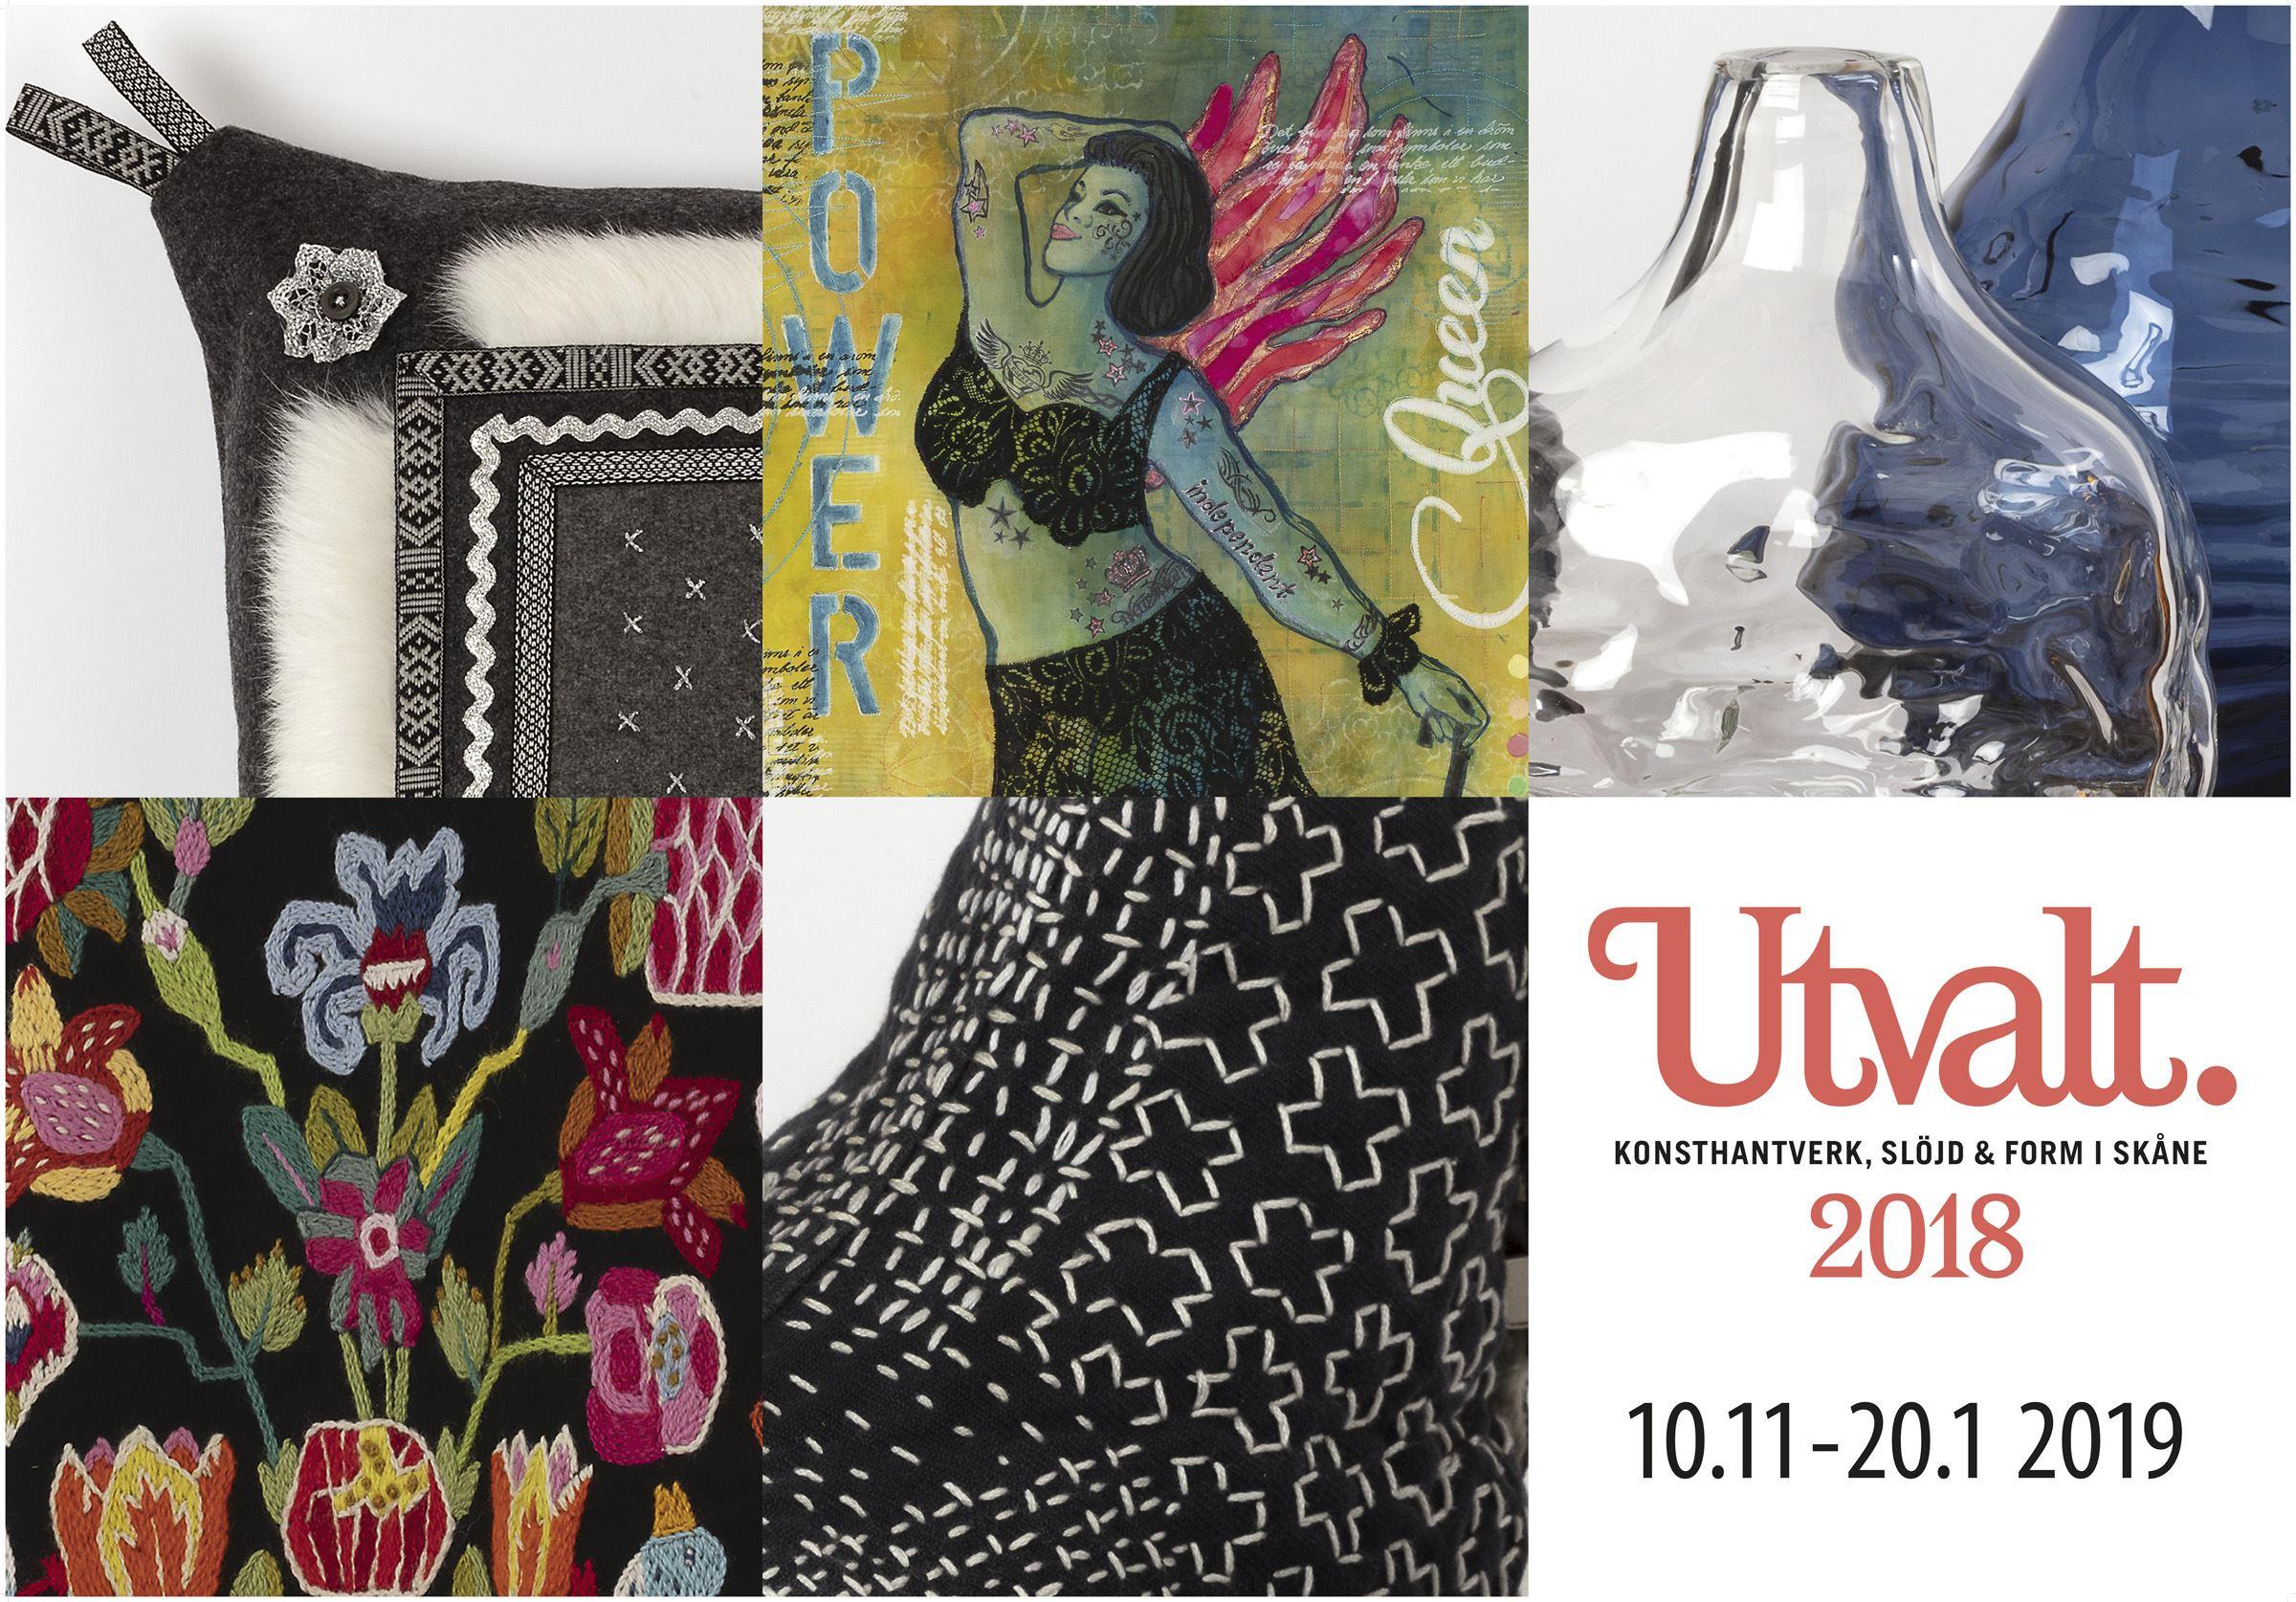 © utvalt, Jurybedömd utställning med konsthanverk